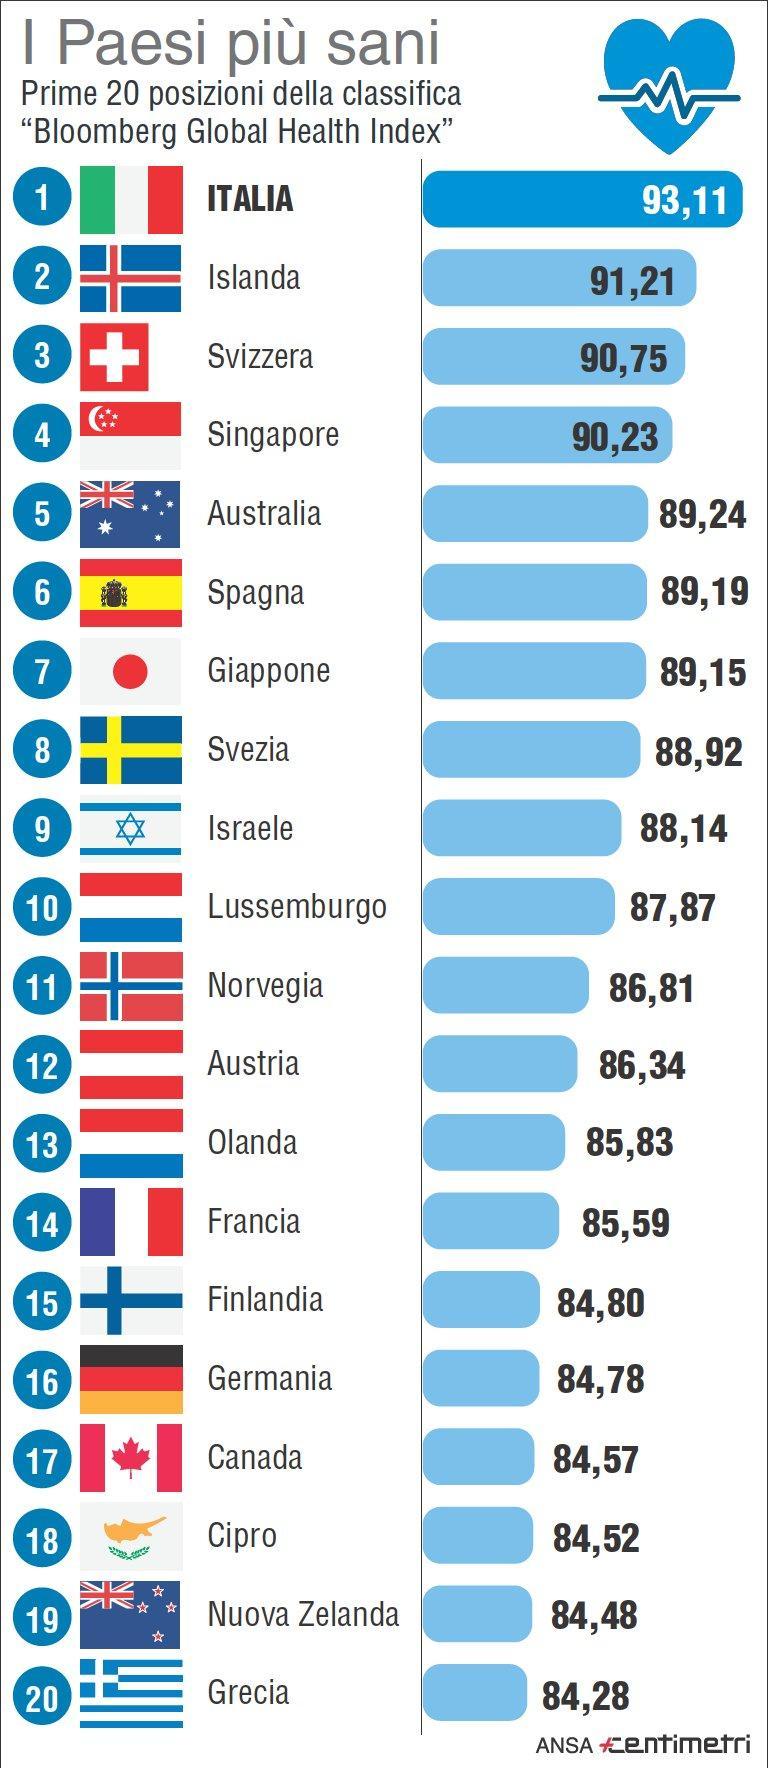 Salute, la classifica dei Paesi secondo Bloomberg